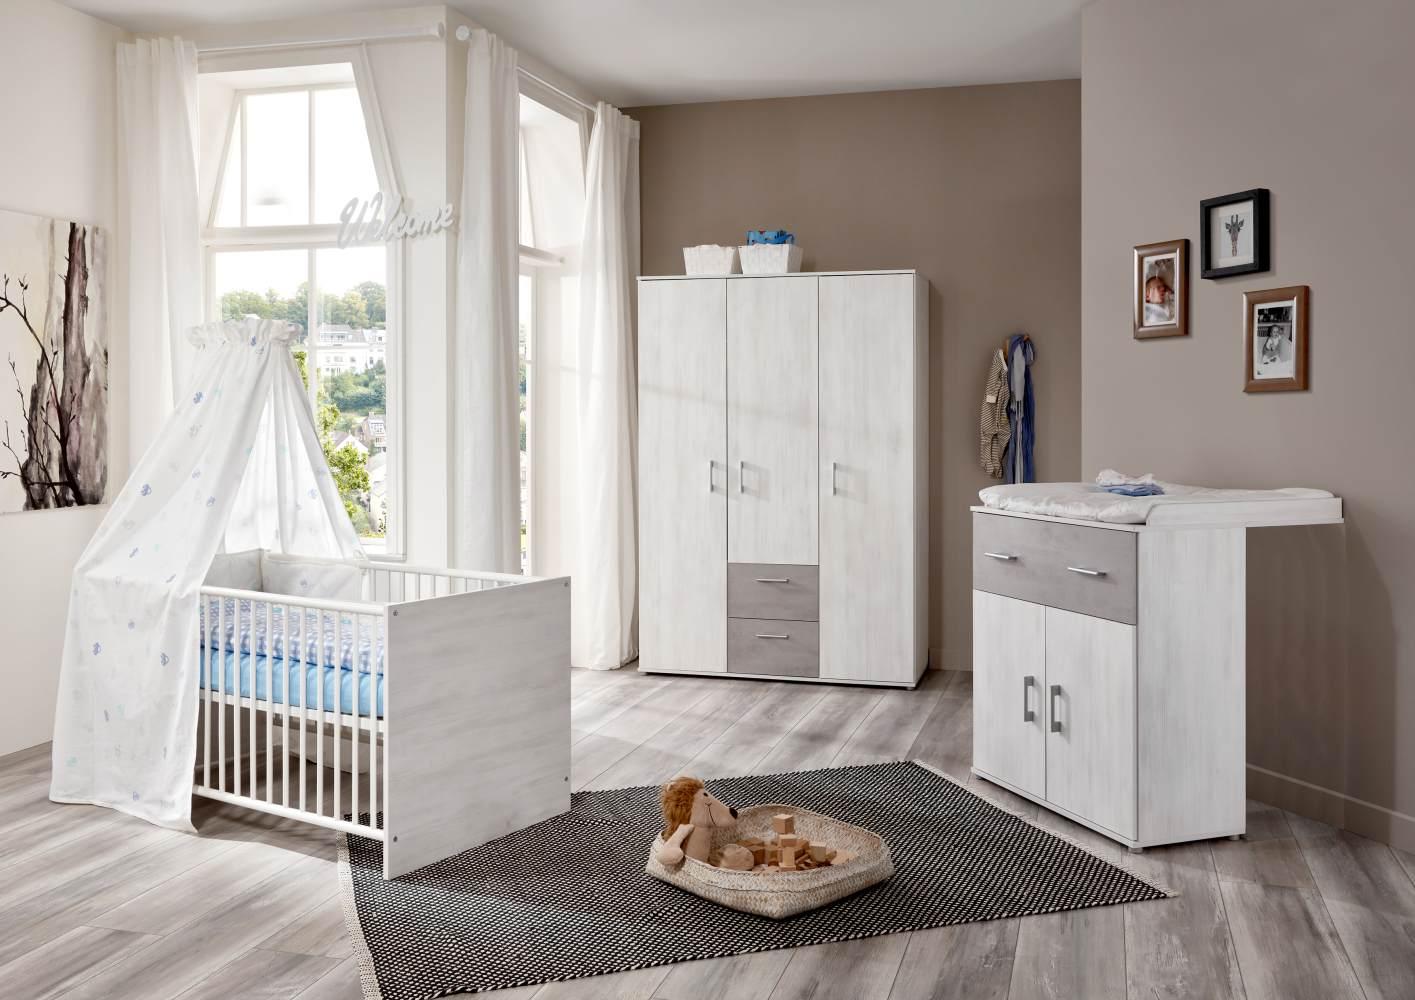 Arthur Berndt 'Fredi' Babyzimmerset 3-teilig, White Washed Wood / Stone, aus Kinderbett (70 x 140 cm), Wickelkommode mit Aufsatzseiten und Kleiderschrank Bild 1